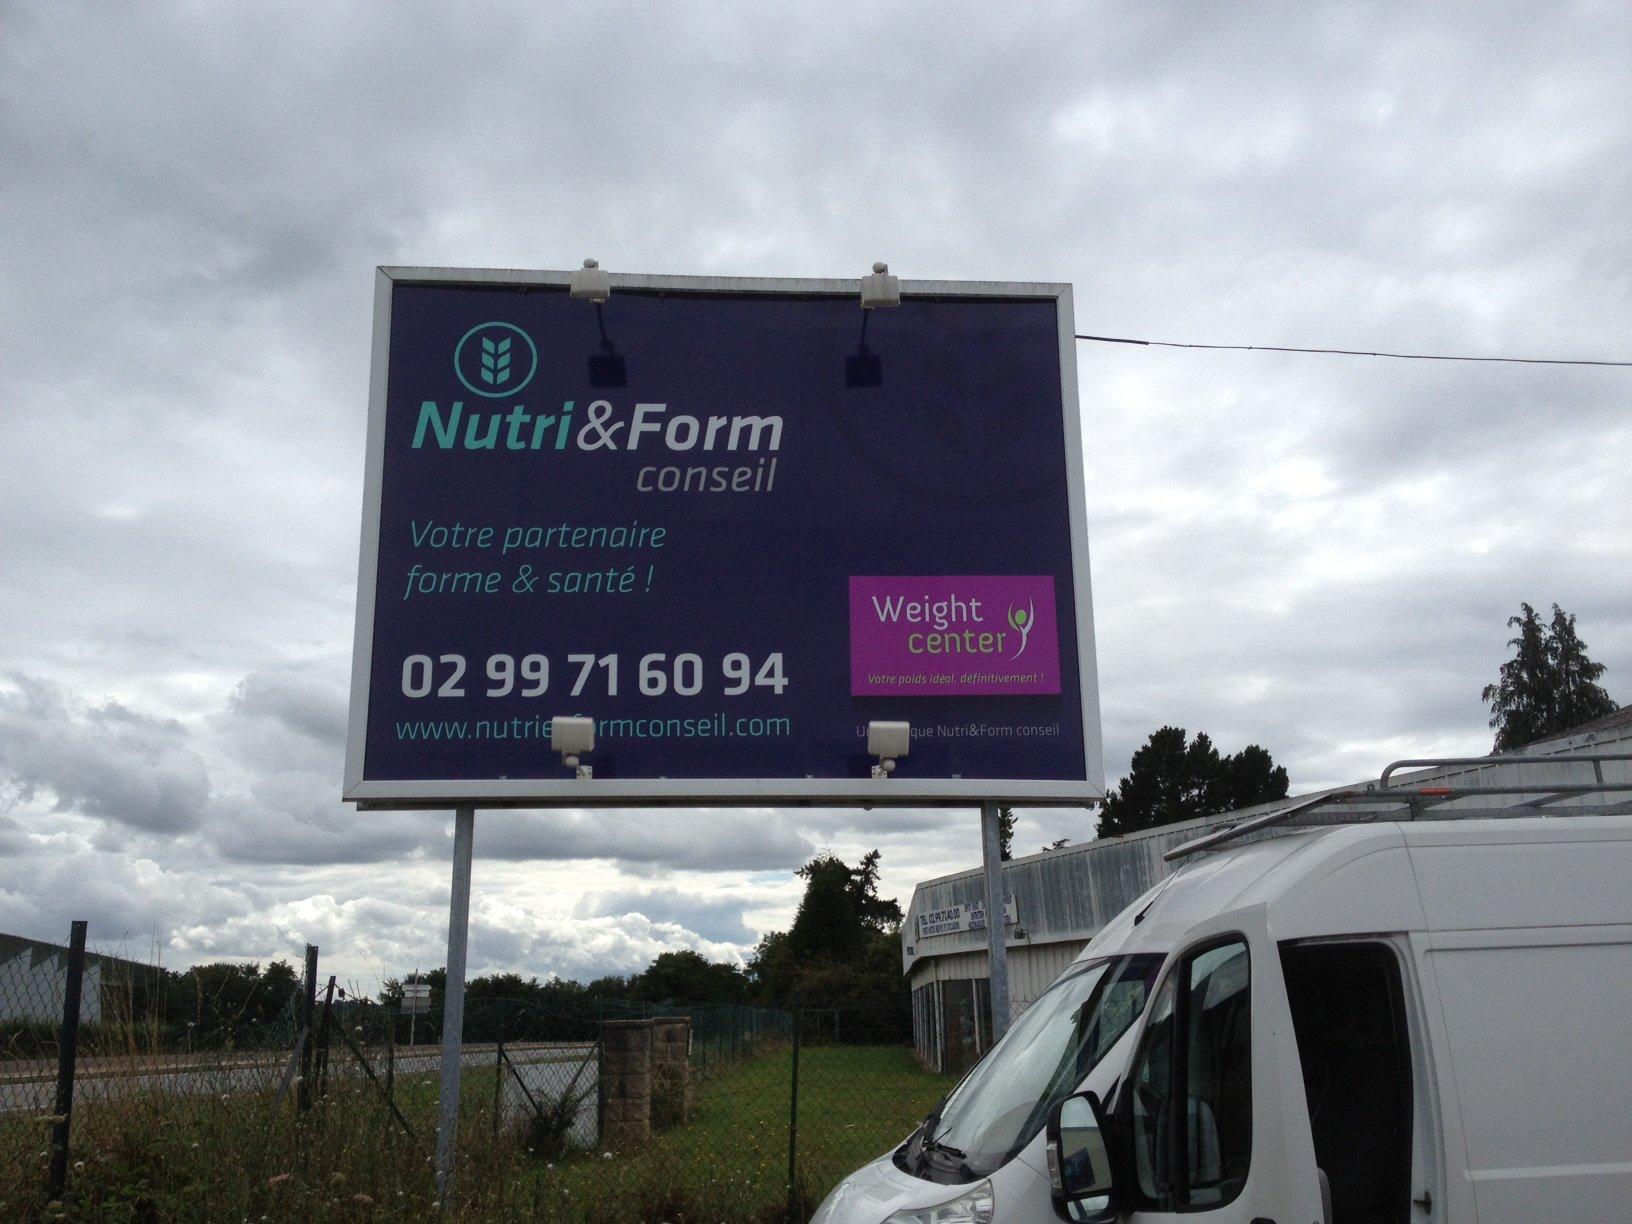 Enseigne Nutri&Form conseil 4x3 m - decograph publicite